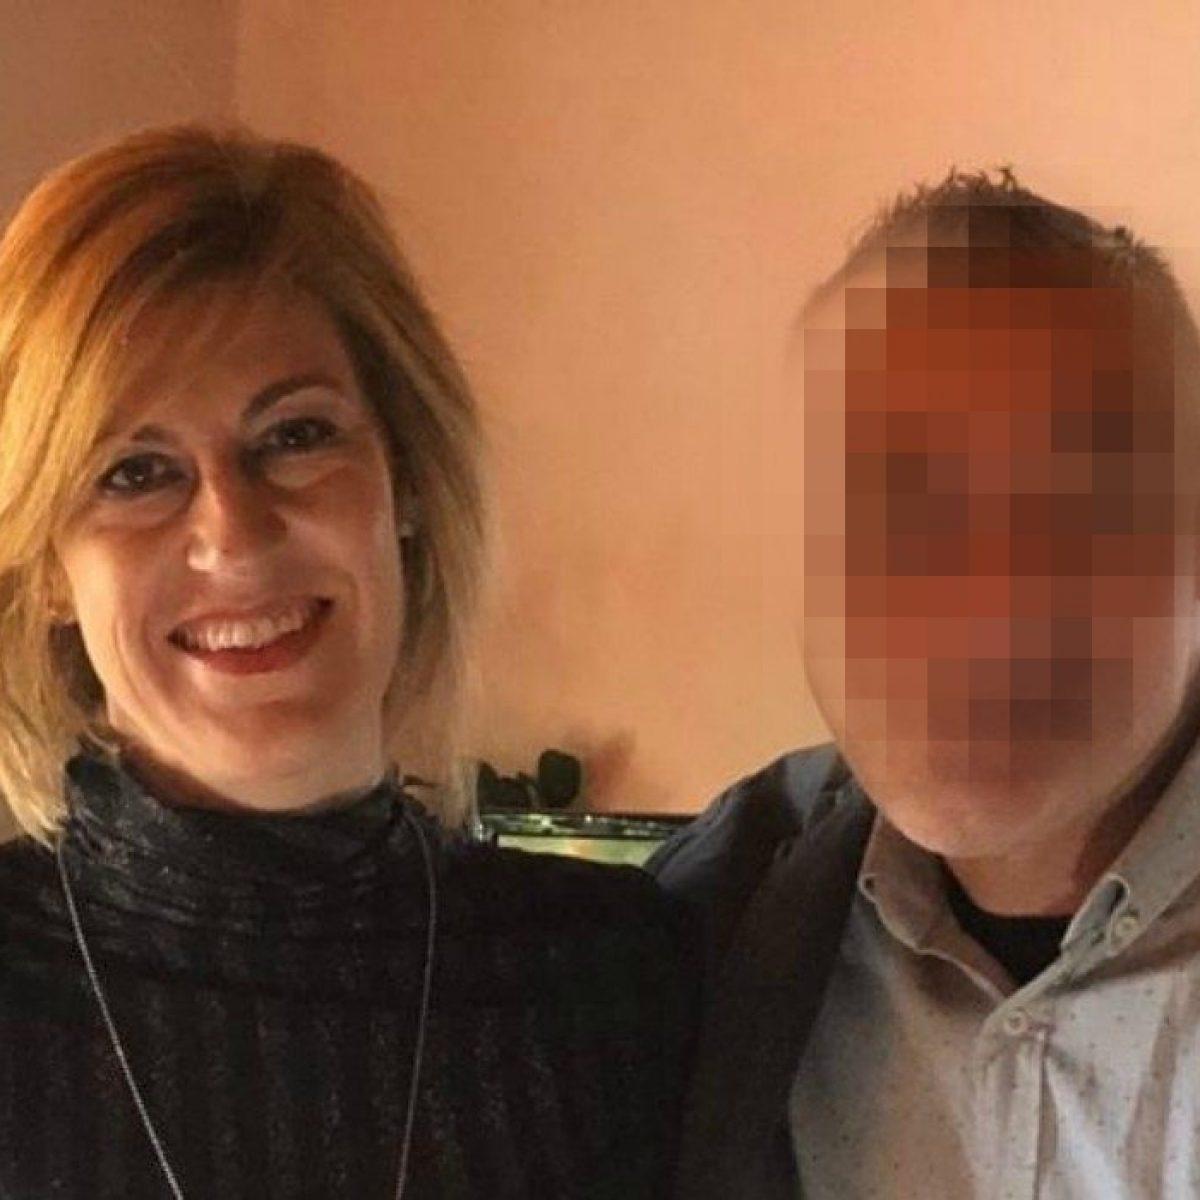 Coronavirus, la triste storia di Jessica: morta a 43 anni. Lascia marito e 2 figli